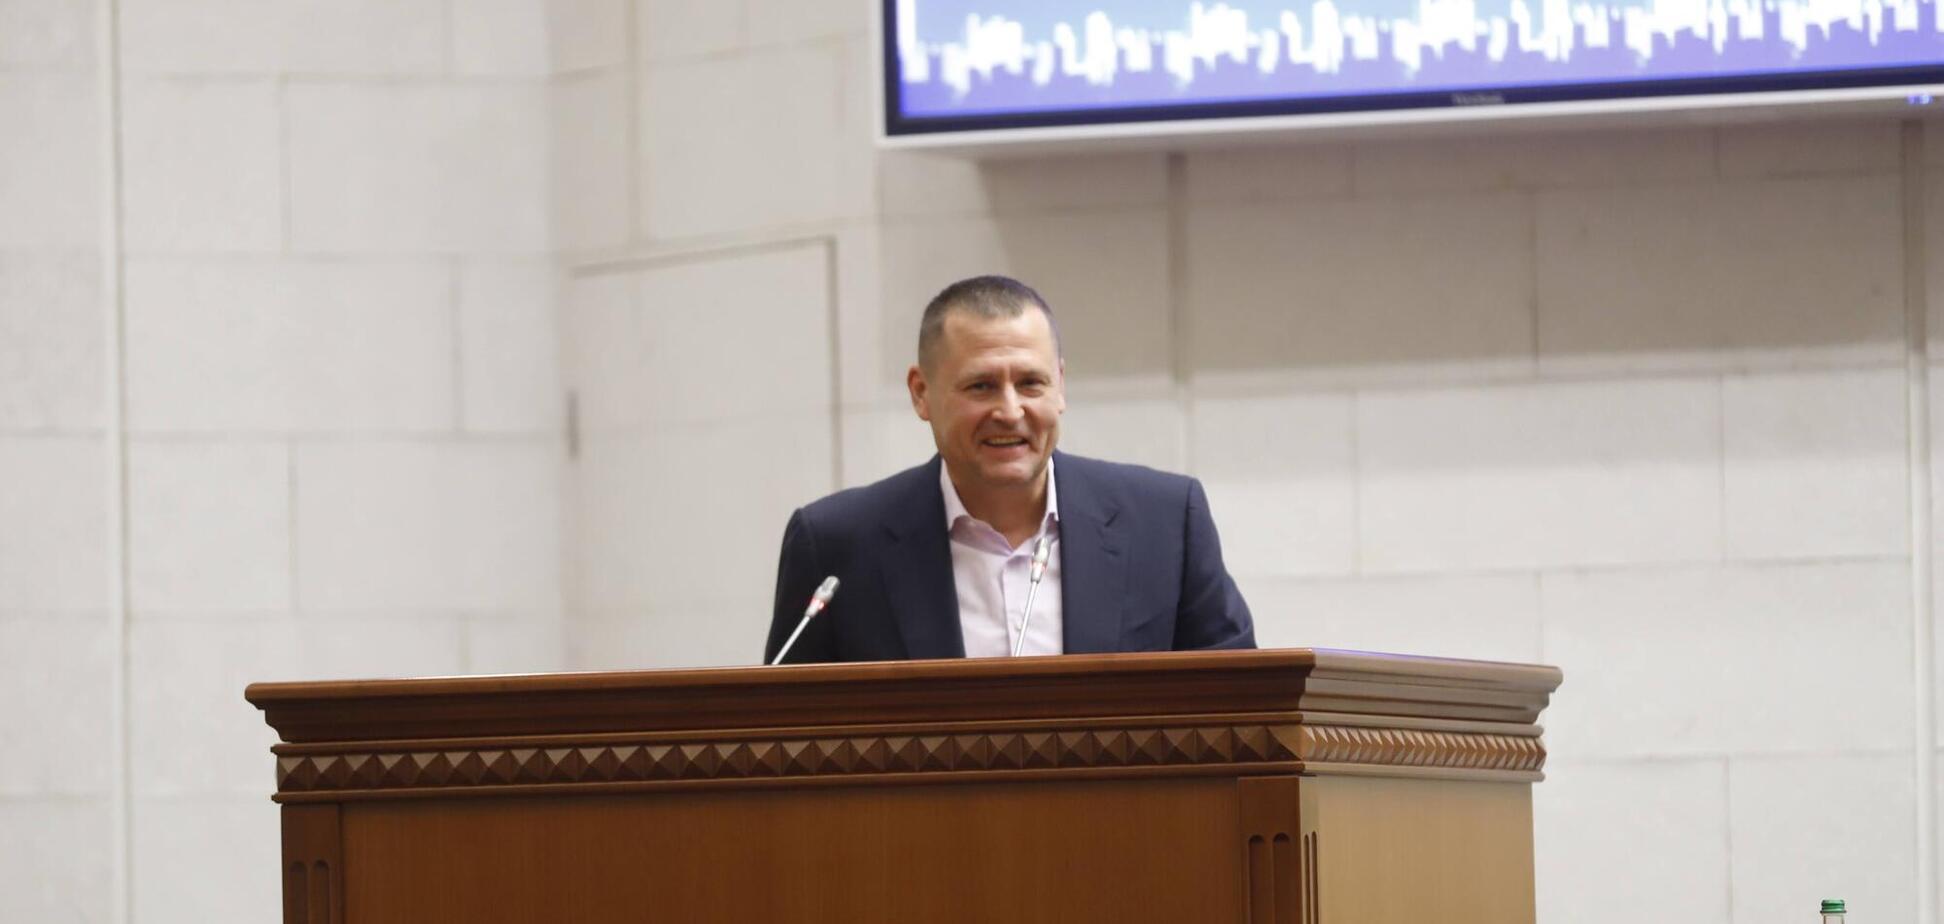 Филатов избран на должность председателя регионального отделения АГУ в Днепропетровской области